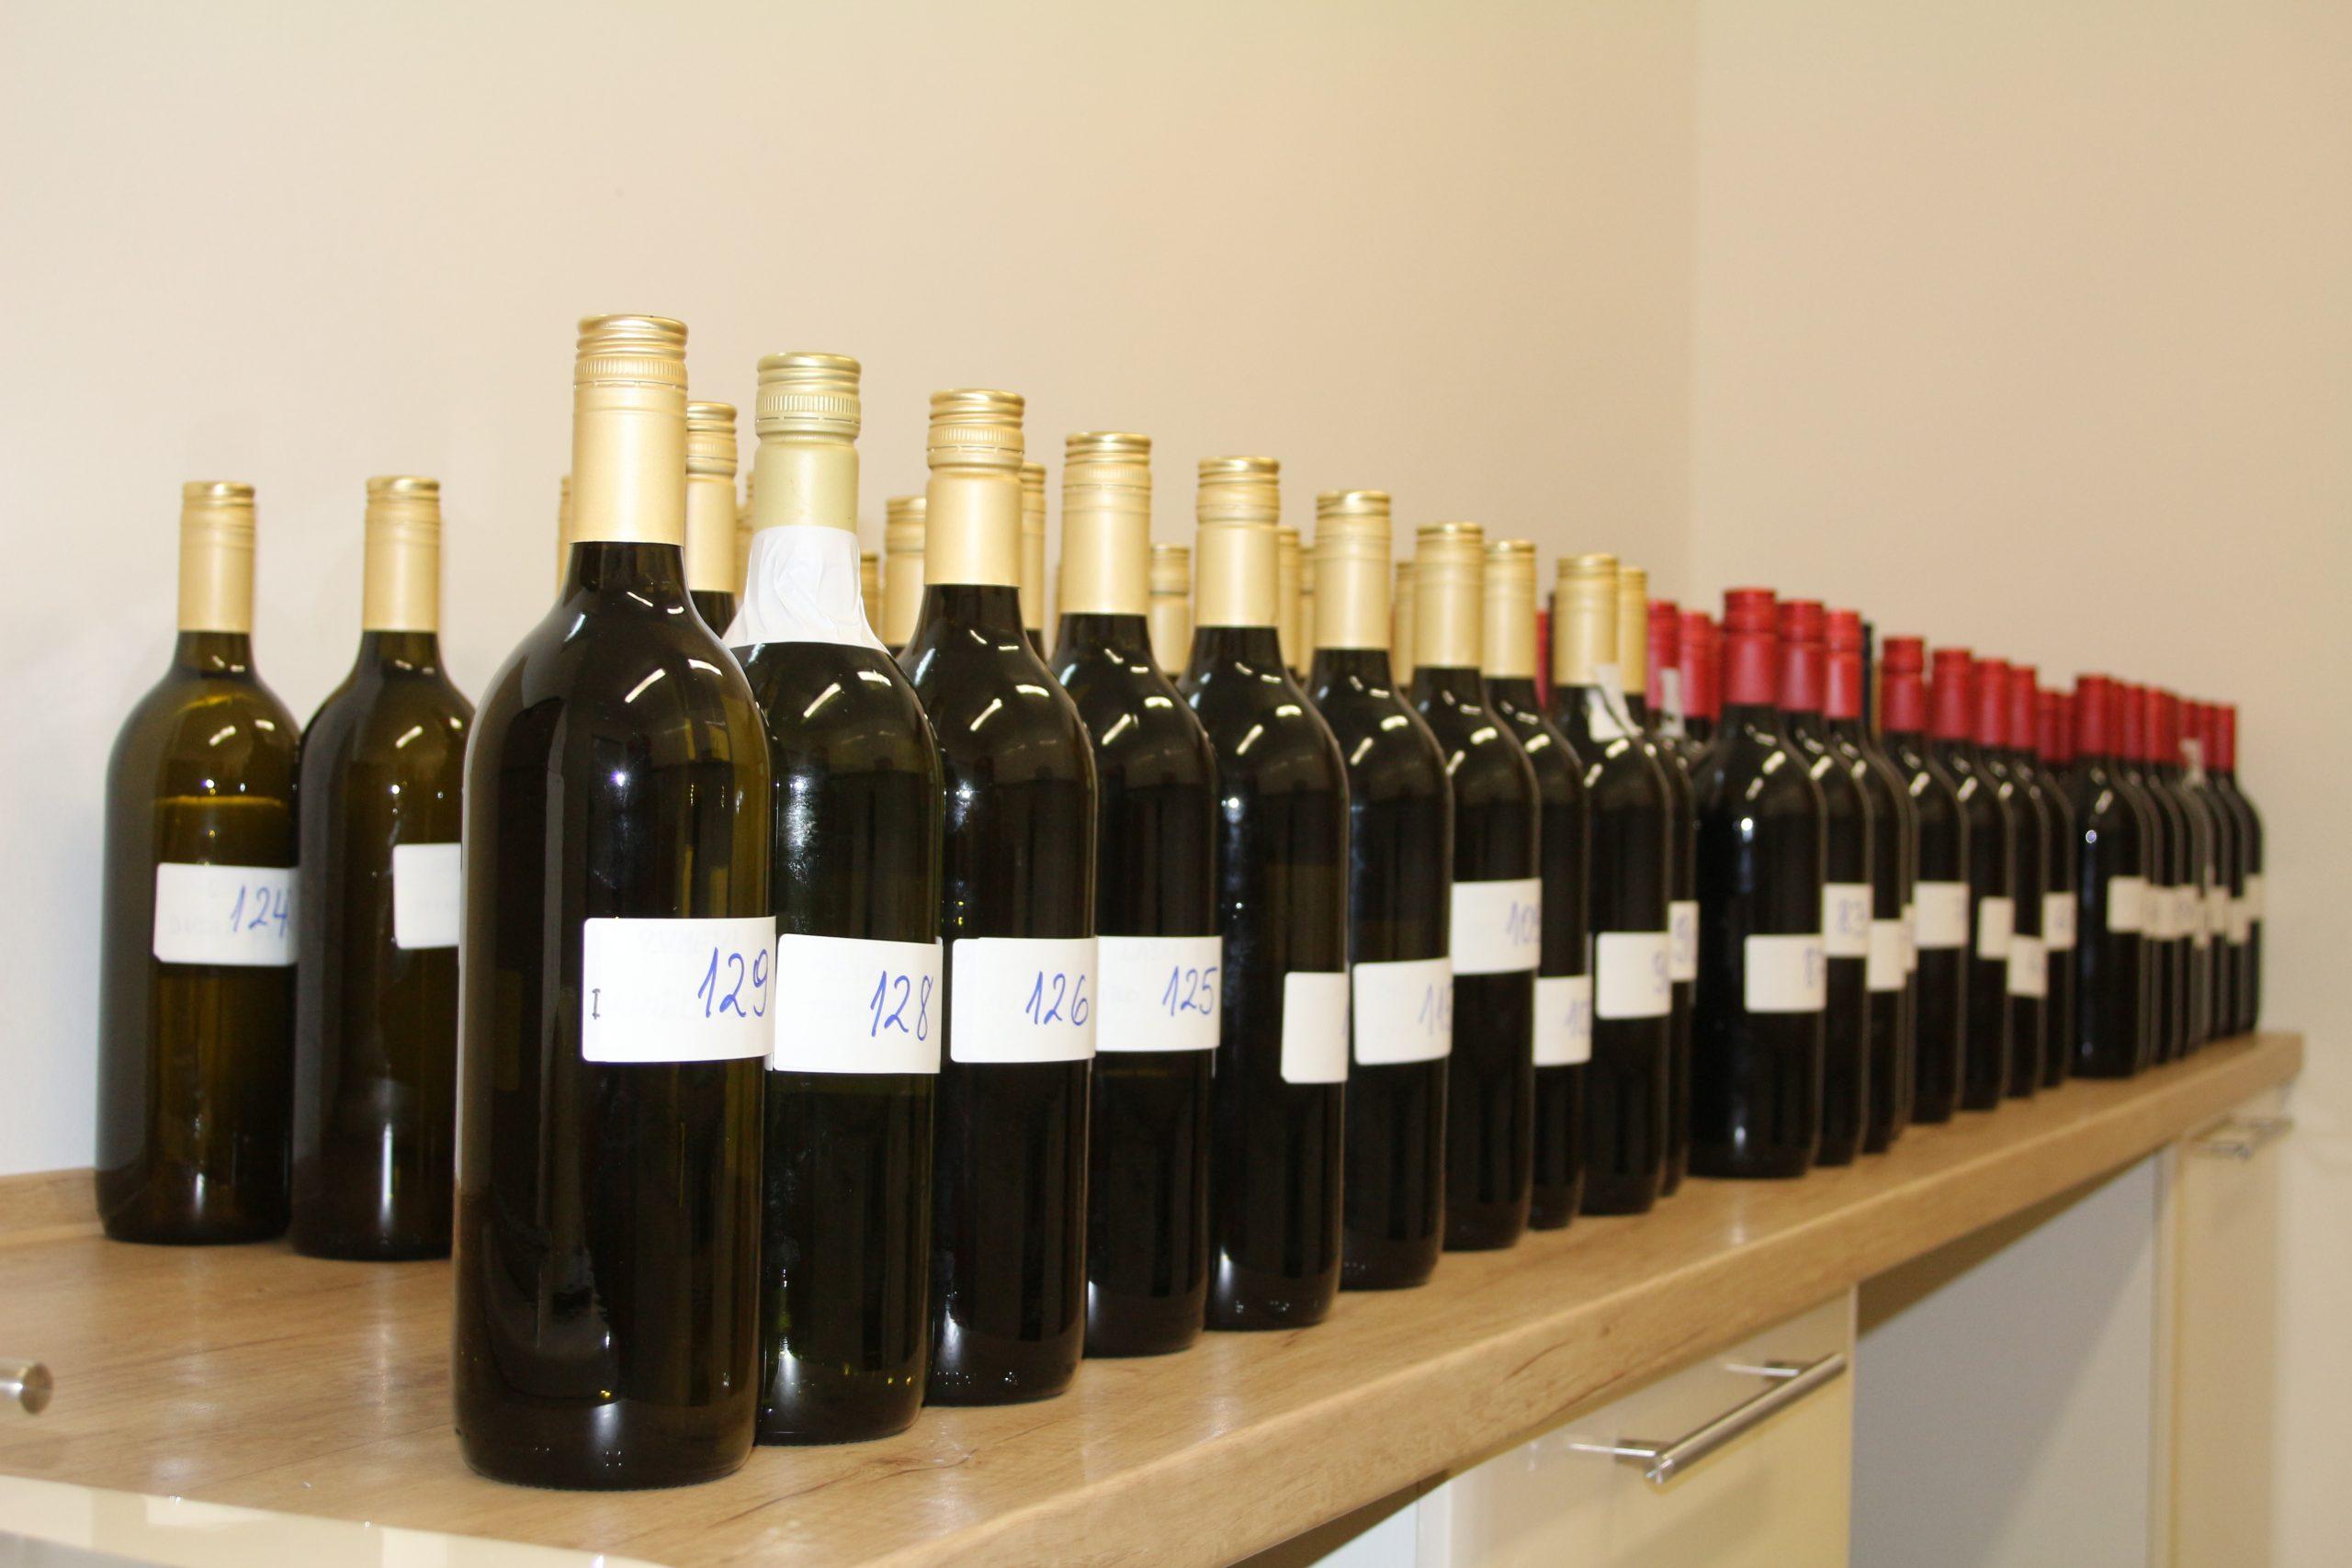 Društveno ocenjevanje vin 2020